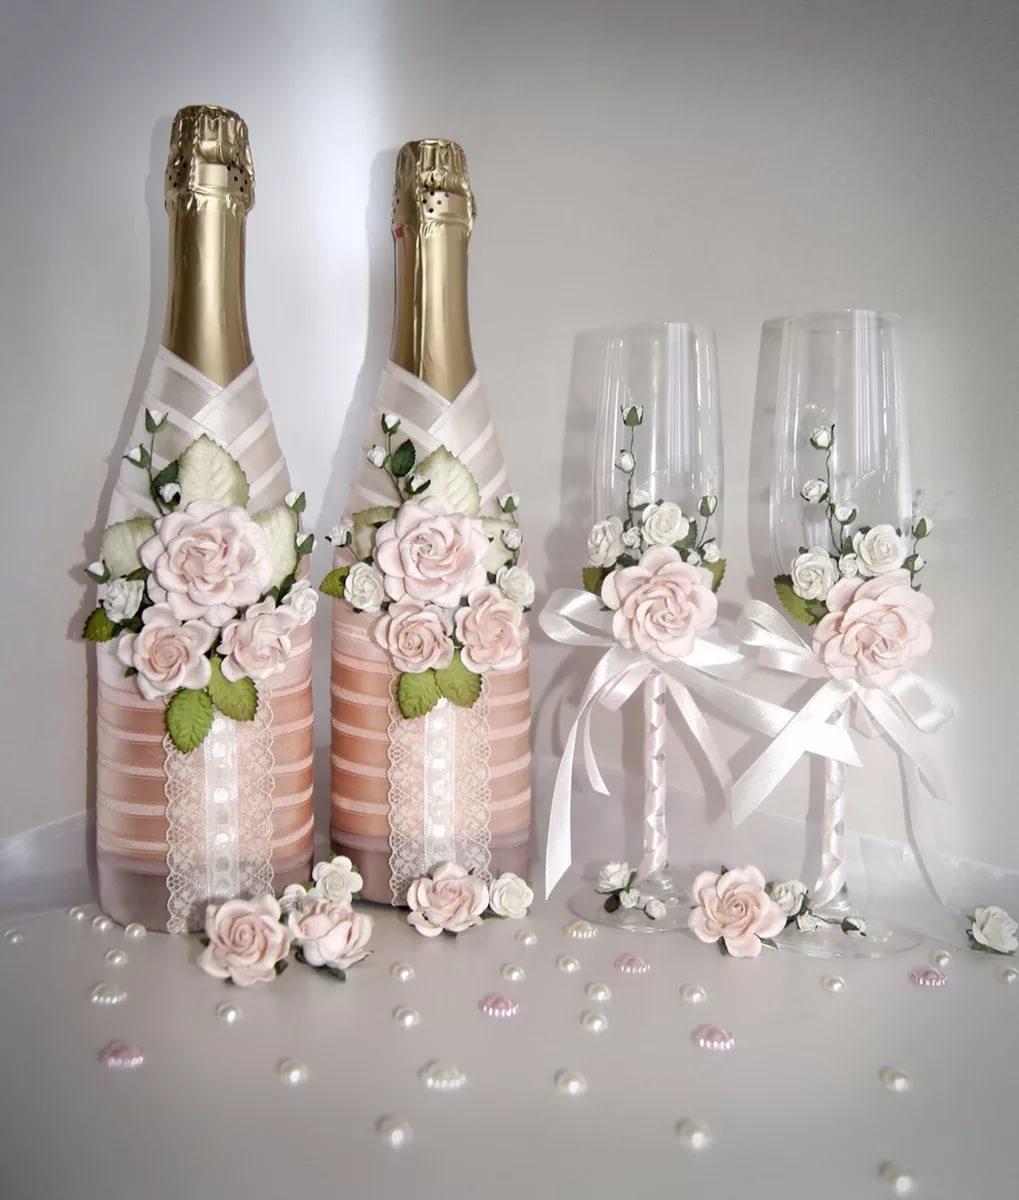 décoration de bouteilles de champagne pour photo de décor de mariage